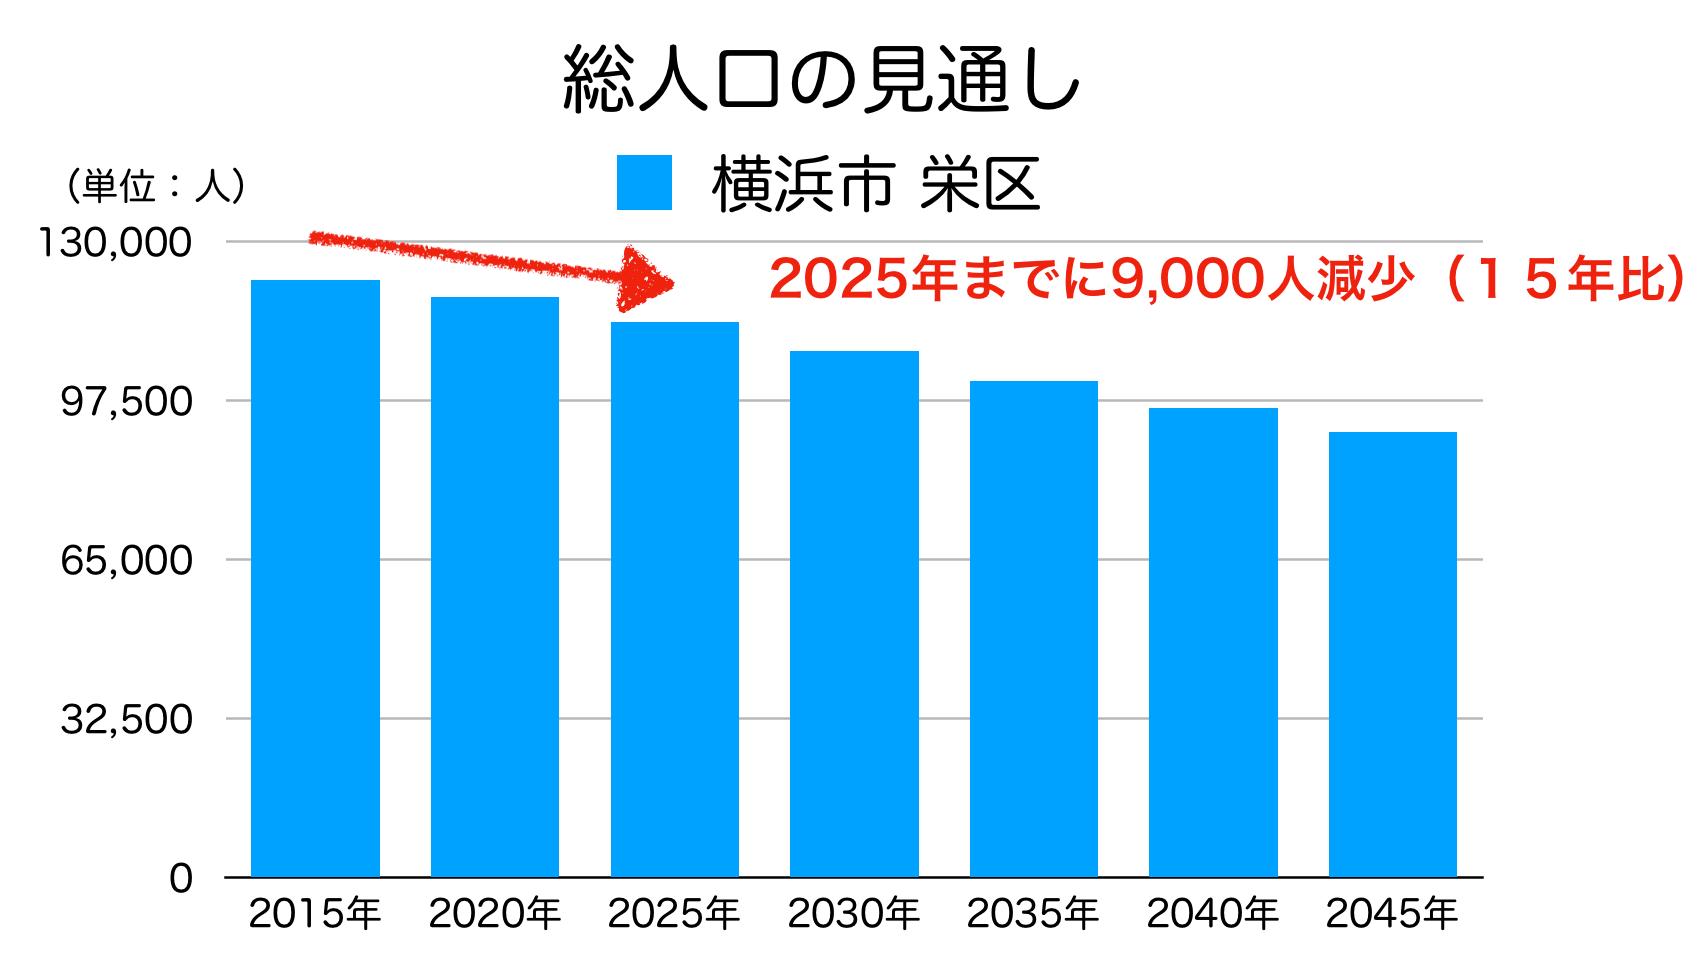 横浜市栄区の人口予測